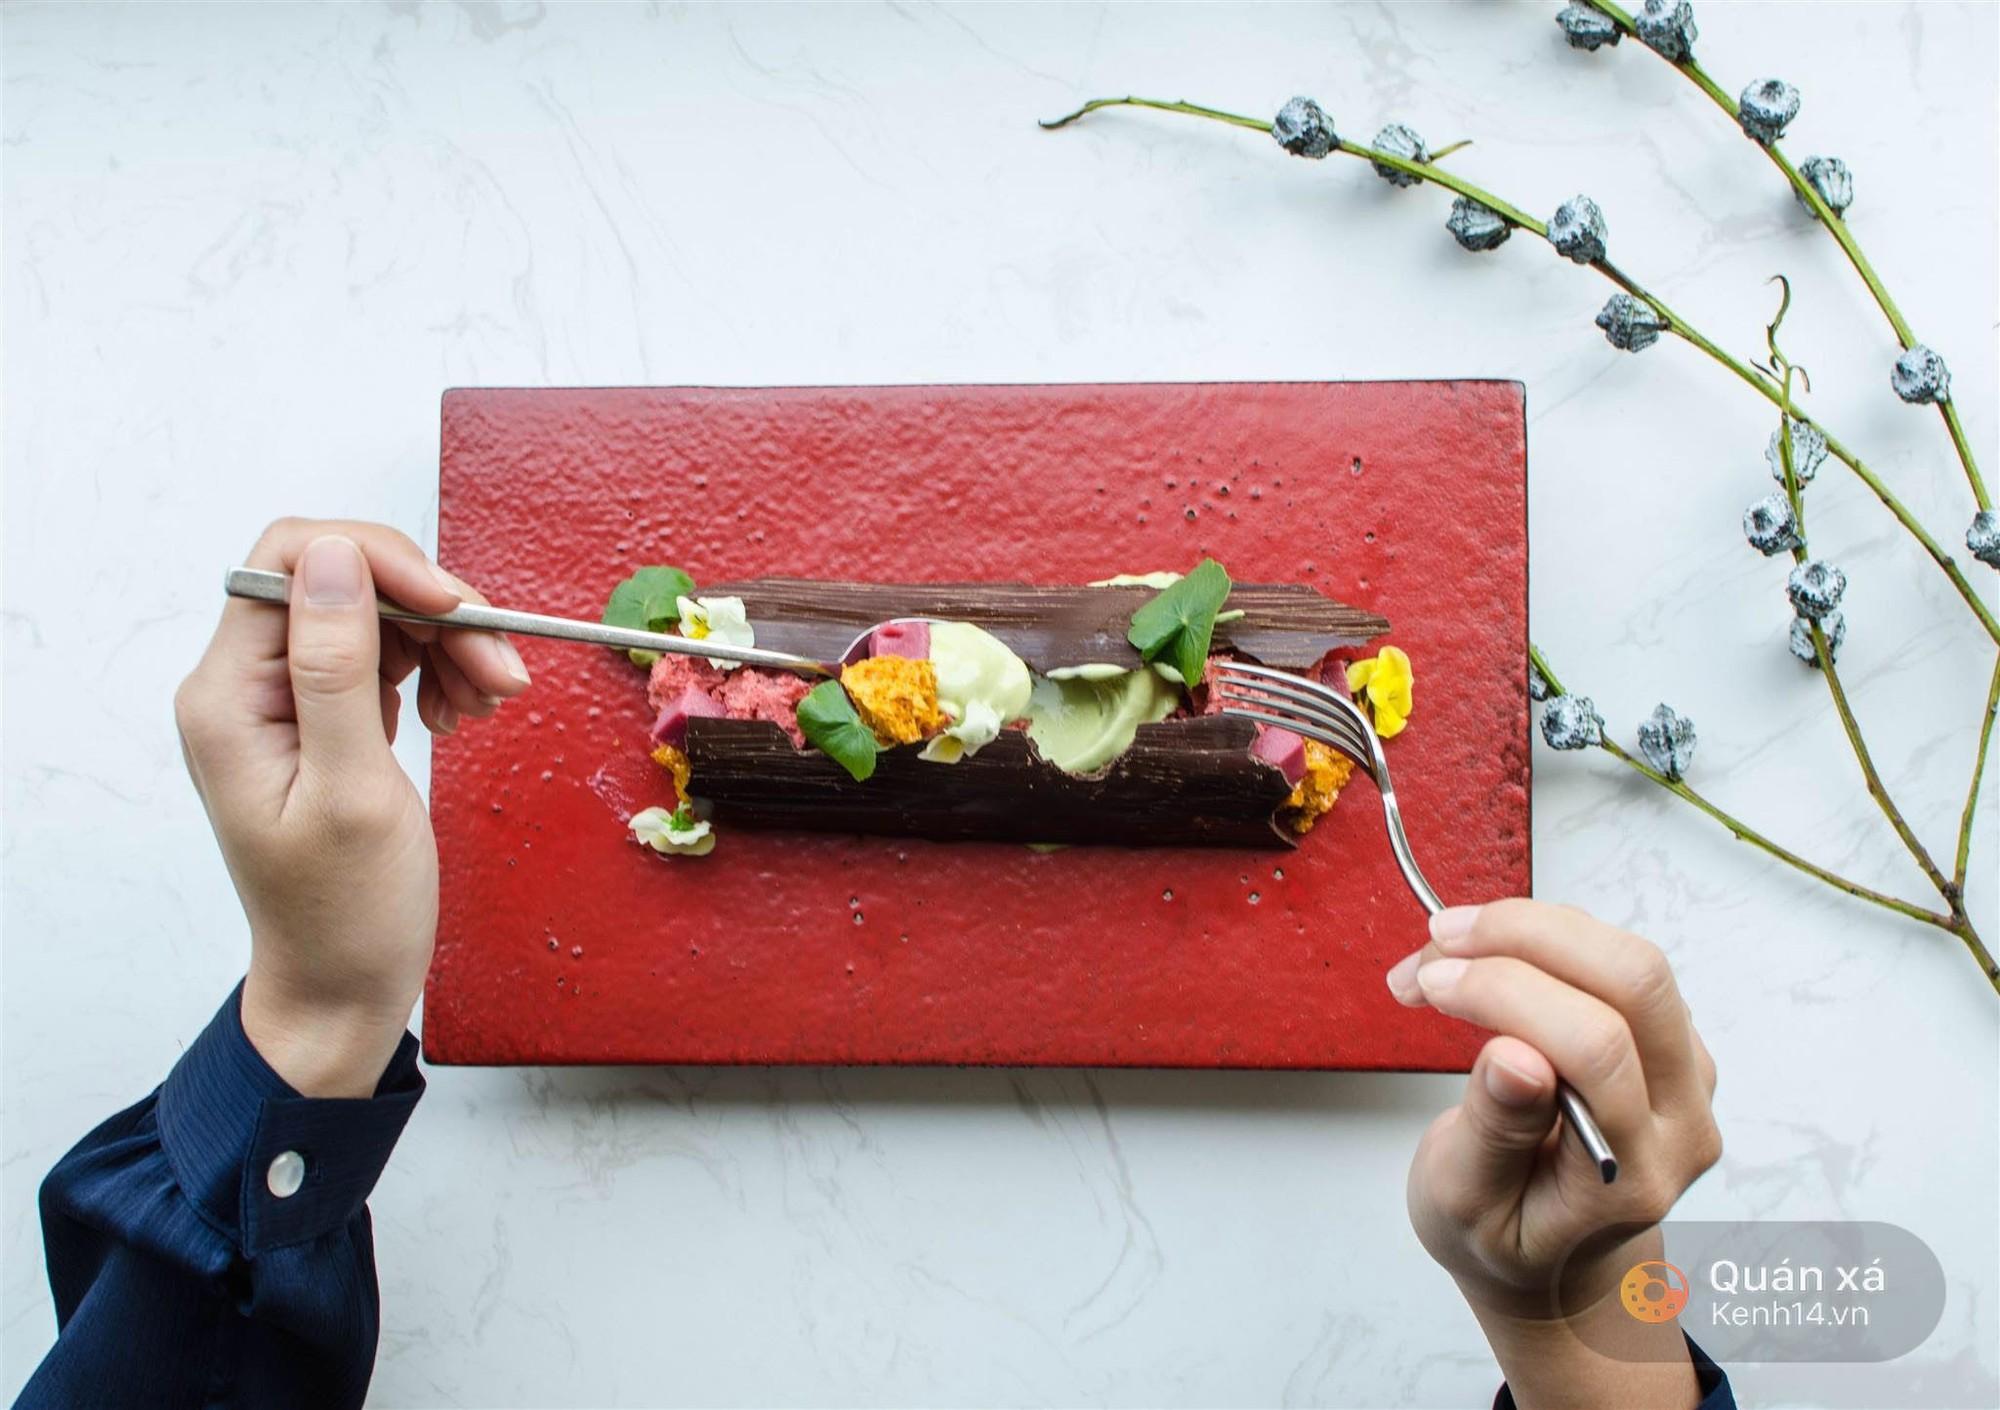 Điểm danh ngay loạt món ngọt mới toanh dành riêng cho mùa Giáng sinh ở Sài Gòn - Ảnh 3.